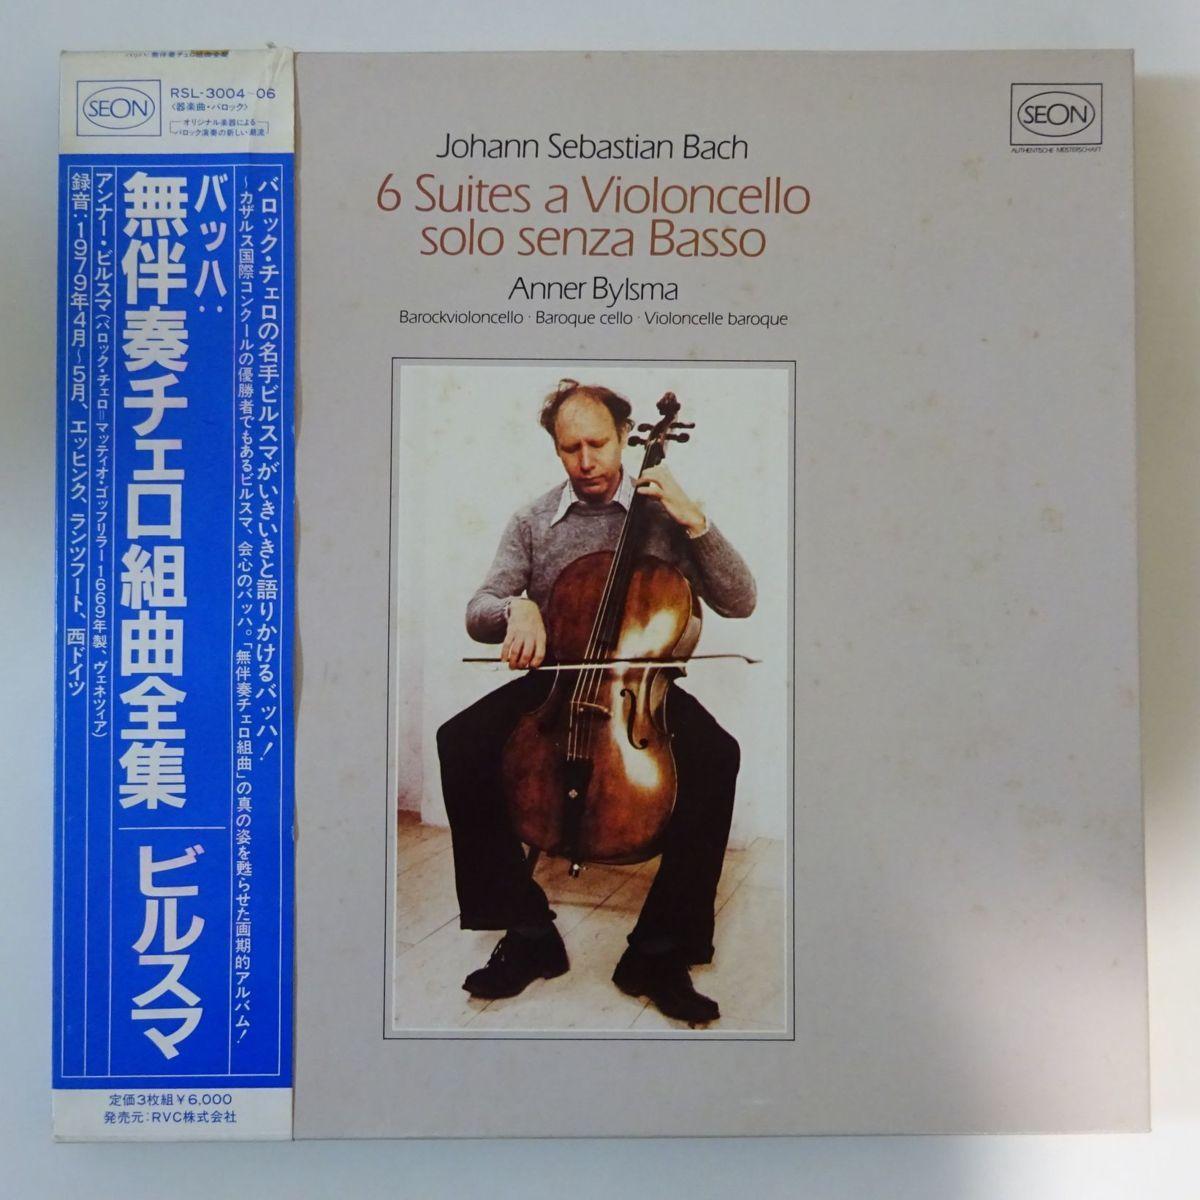 13031716;【帯付/3LPボックスセット/美盤】ビルスマ / バッハ / 無伴奏チェロ組曲全集